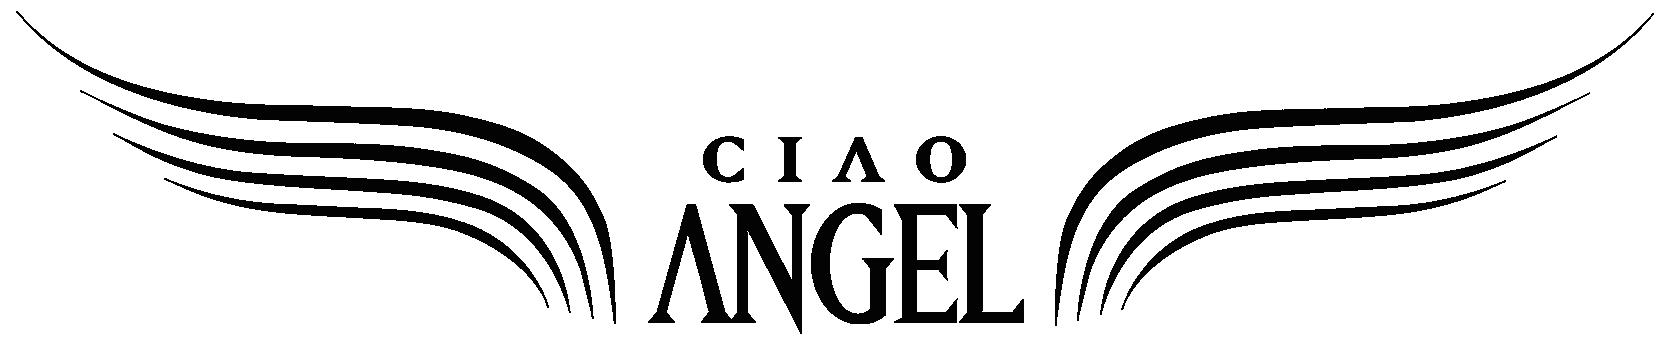 Ciao Angel